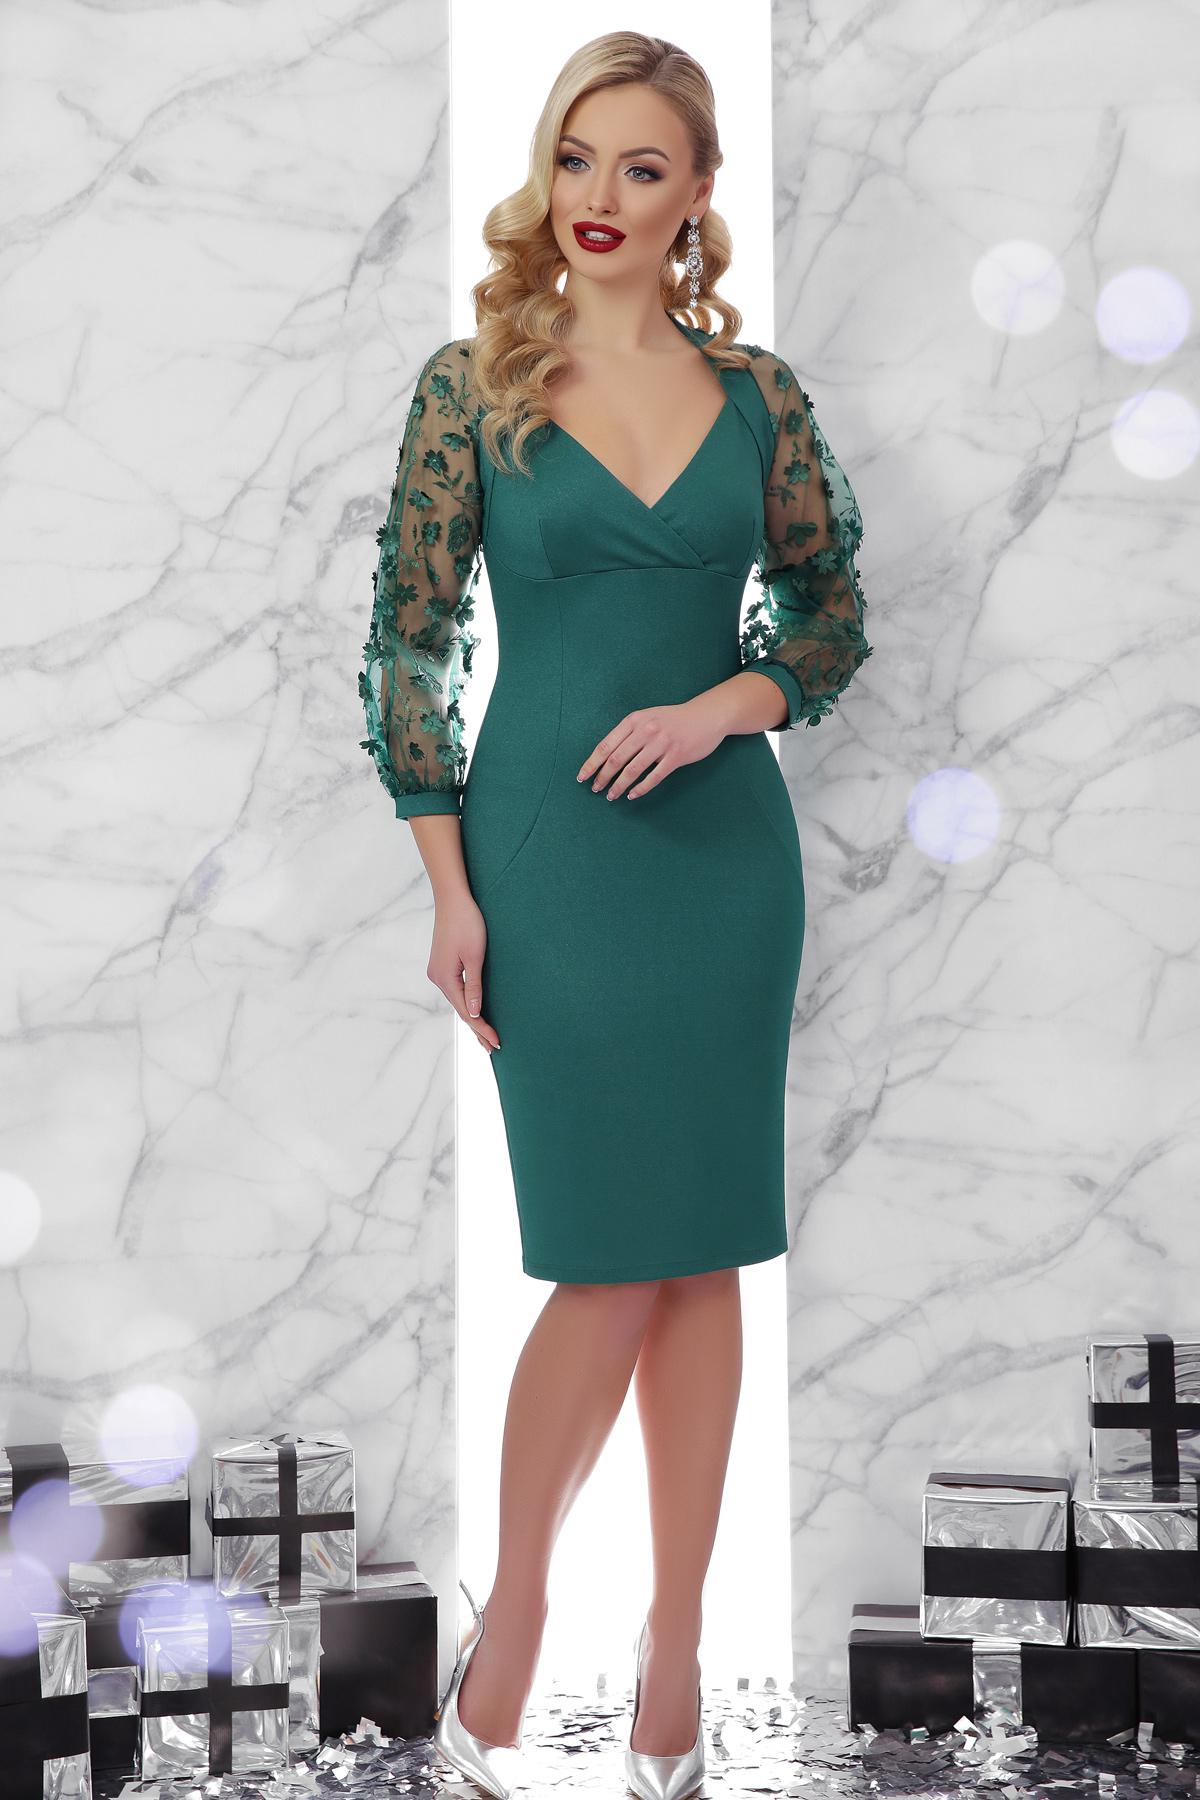 eb5a3bee753 изумрудное платье с пышными рукавами. платье Флоренция 2 д р. Цвет  изумруд